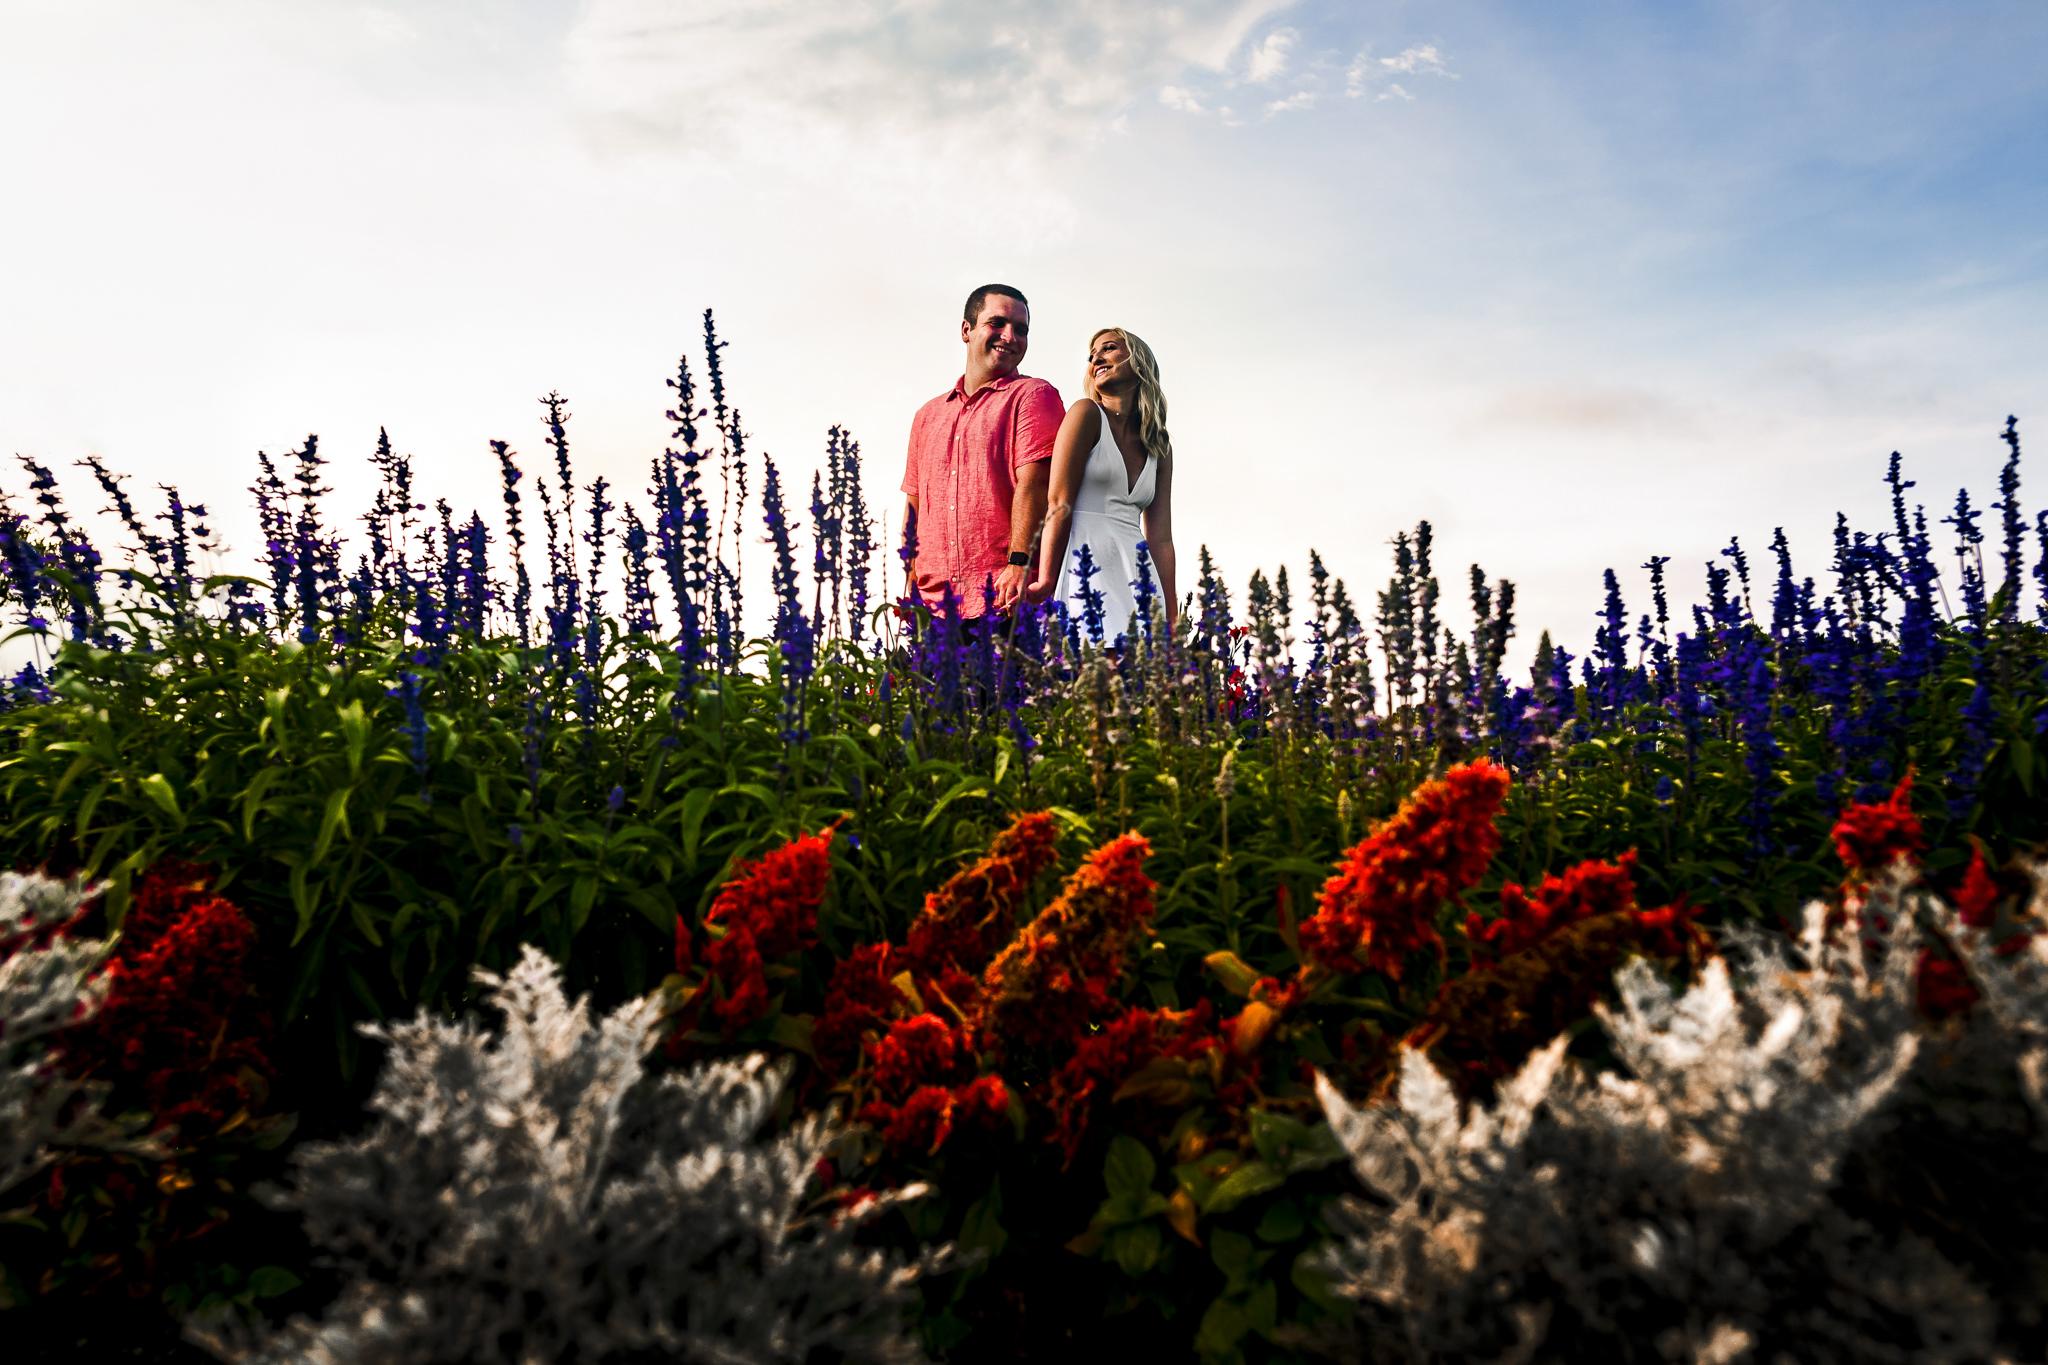 Marko-Spring-Lake-Engagement-Photos-06.JPG